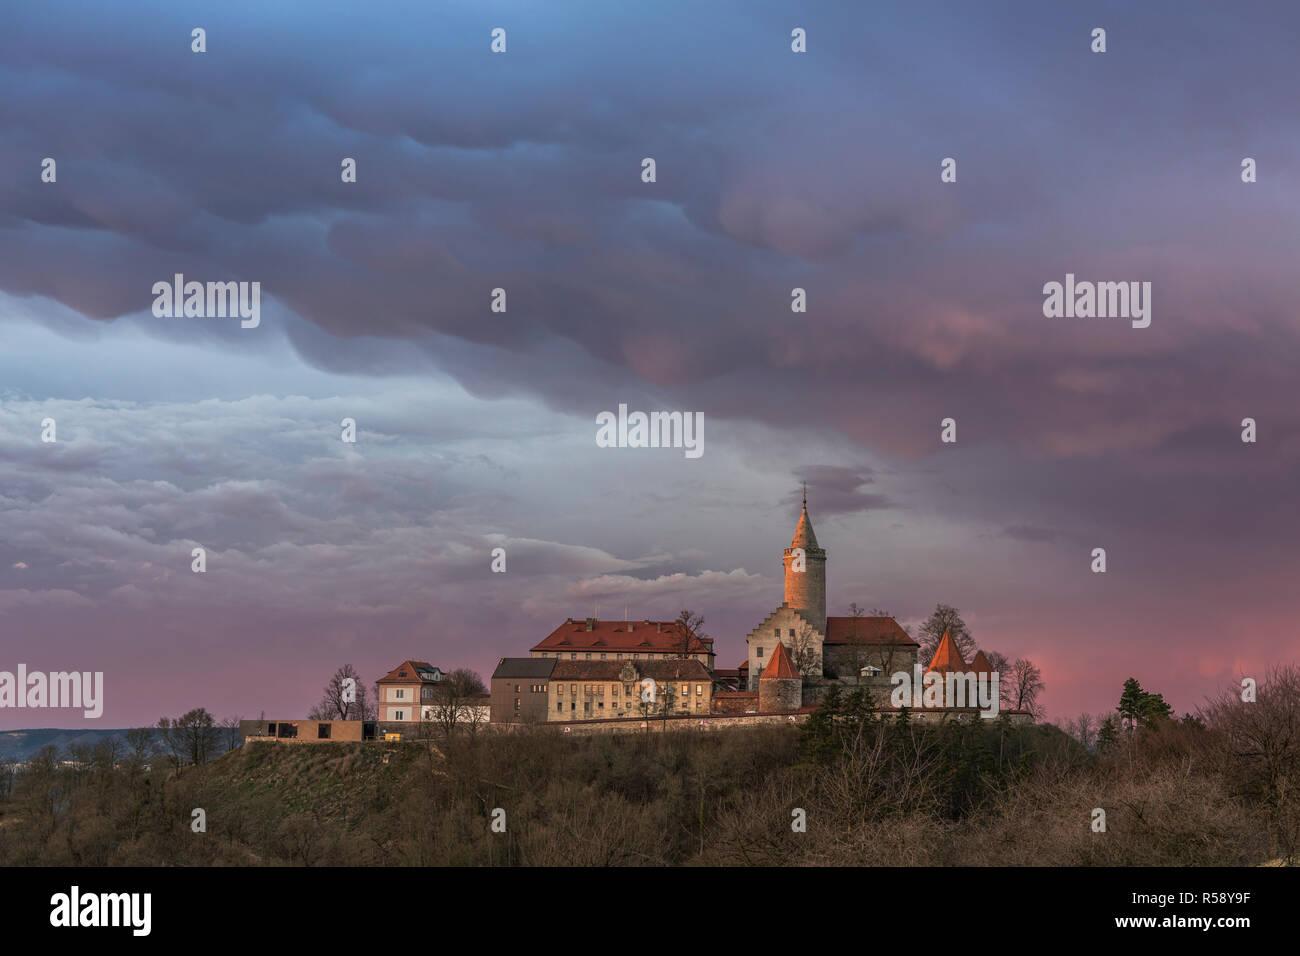 Szinérváralja, orages, nuages Mammatus, coucher de soleil, Thuringe, Allemagne Banque D'Images